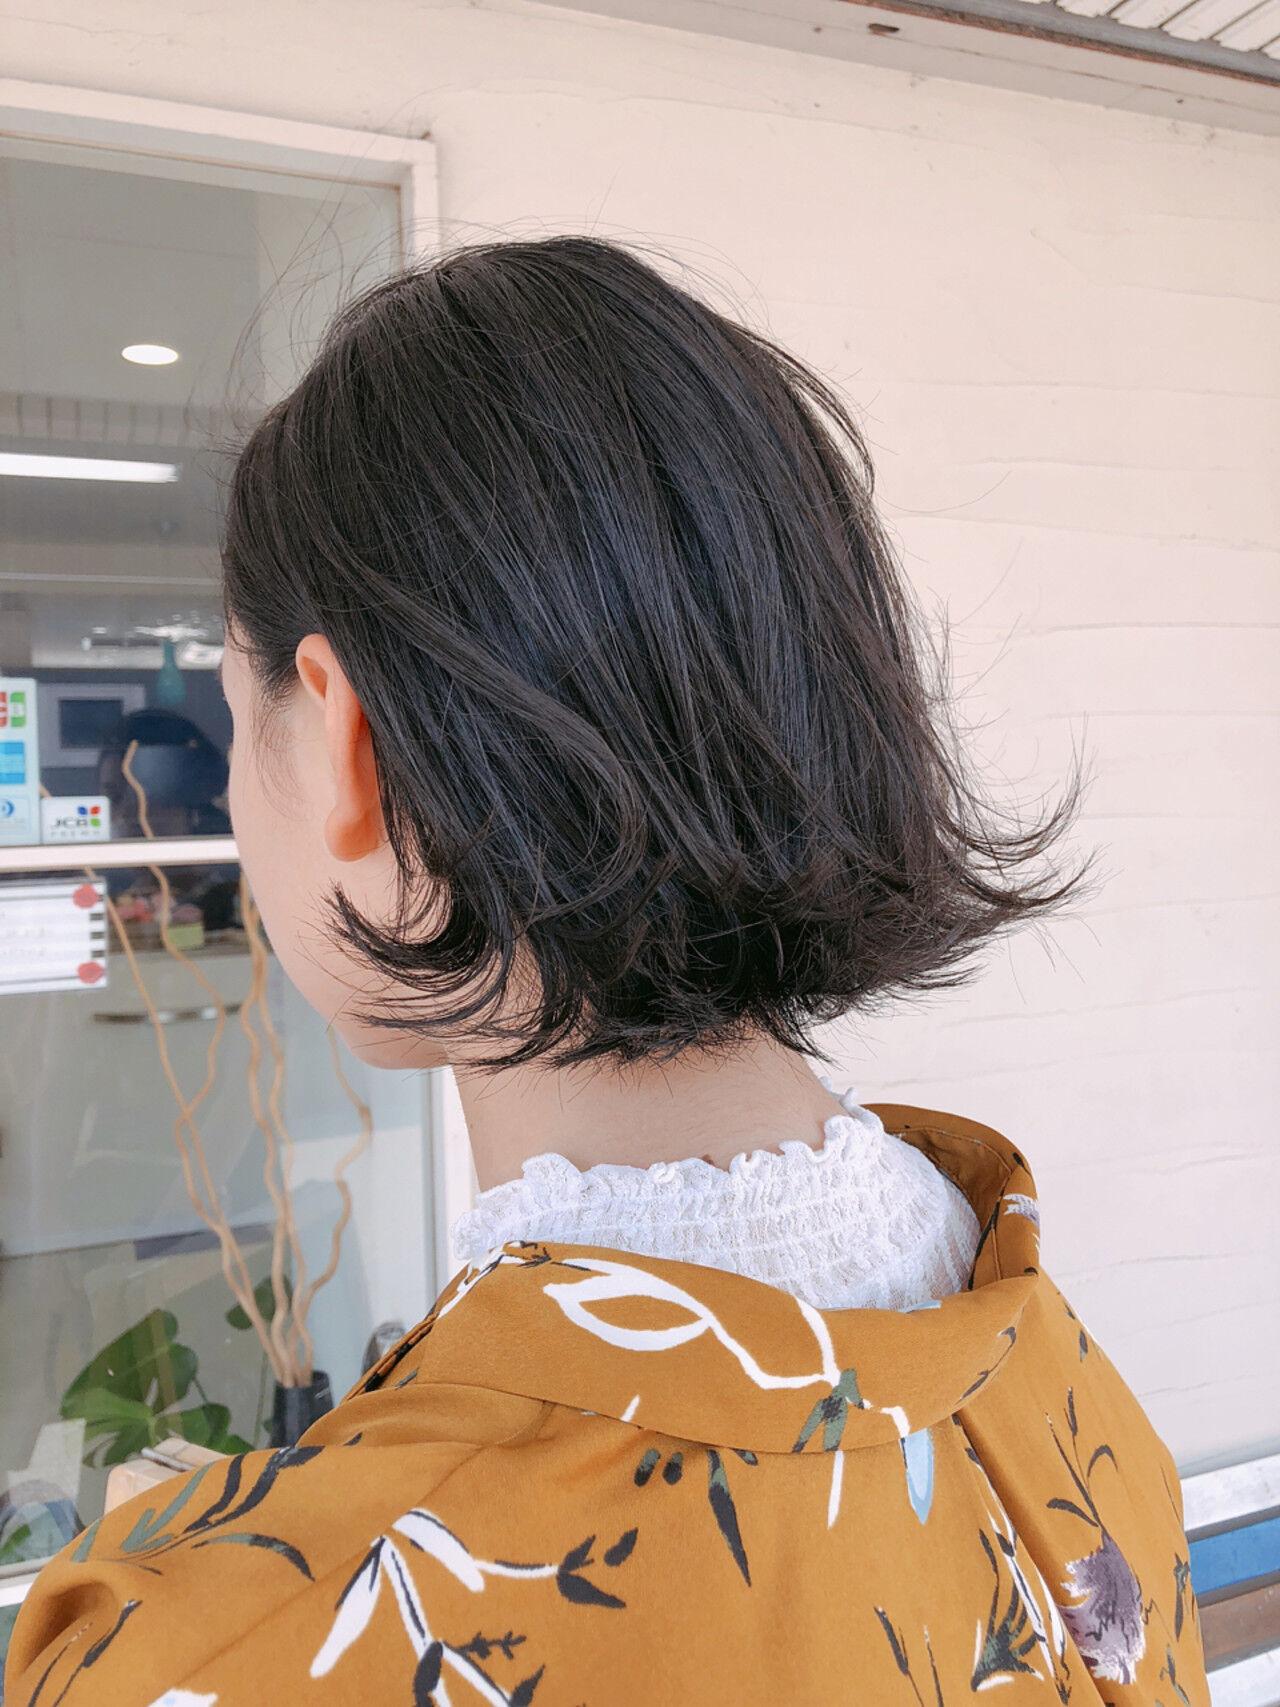 ナチュラル 外ハネ 切りっぱなし 伸ばしかけヘアスタイルや髪型の写真・画像